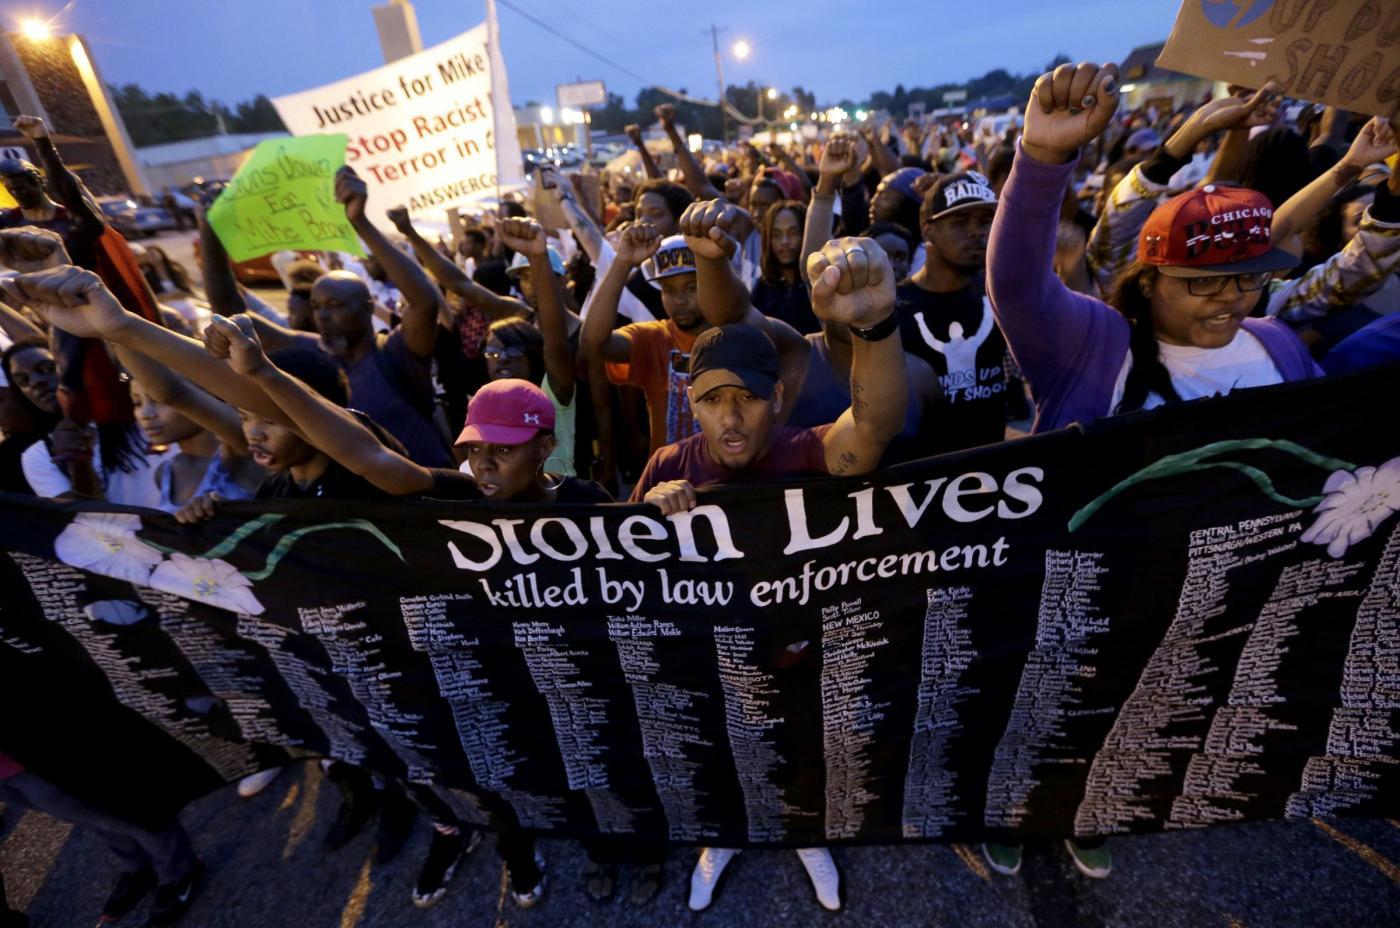 Ragazzo ucciso in America, notte di calma: due mesi per decidere il processo